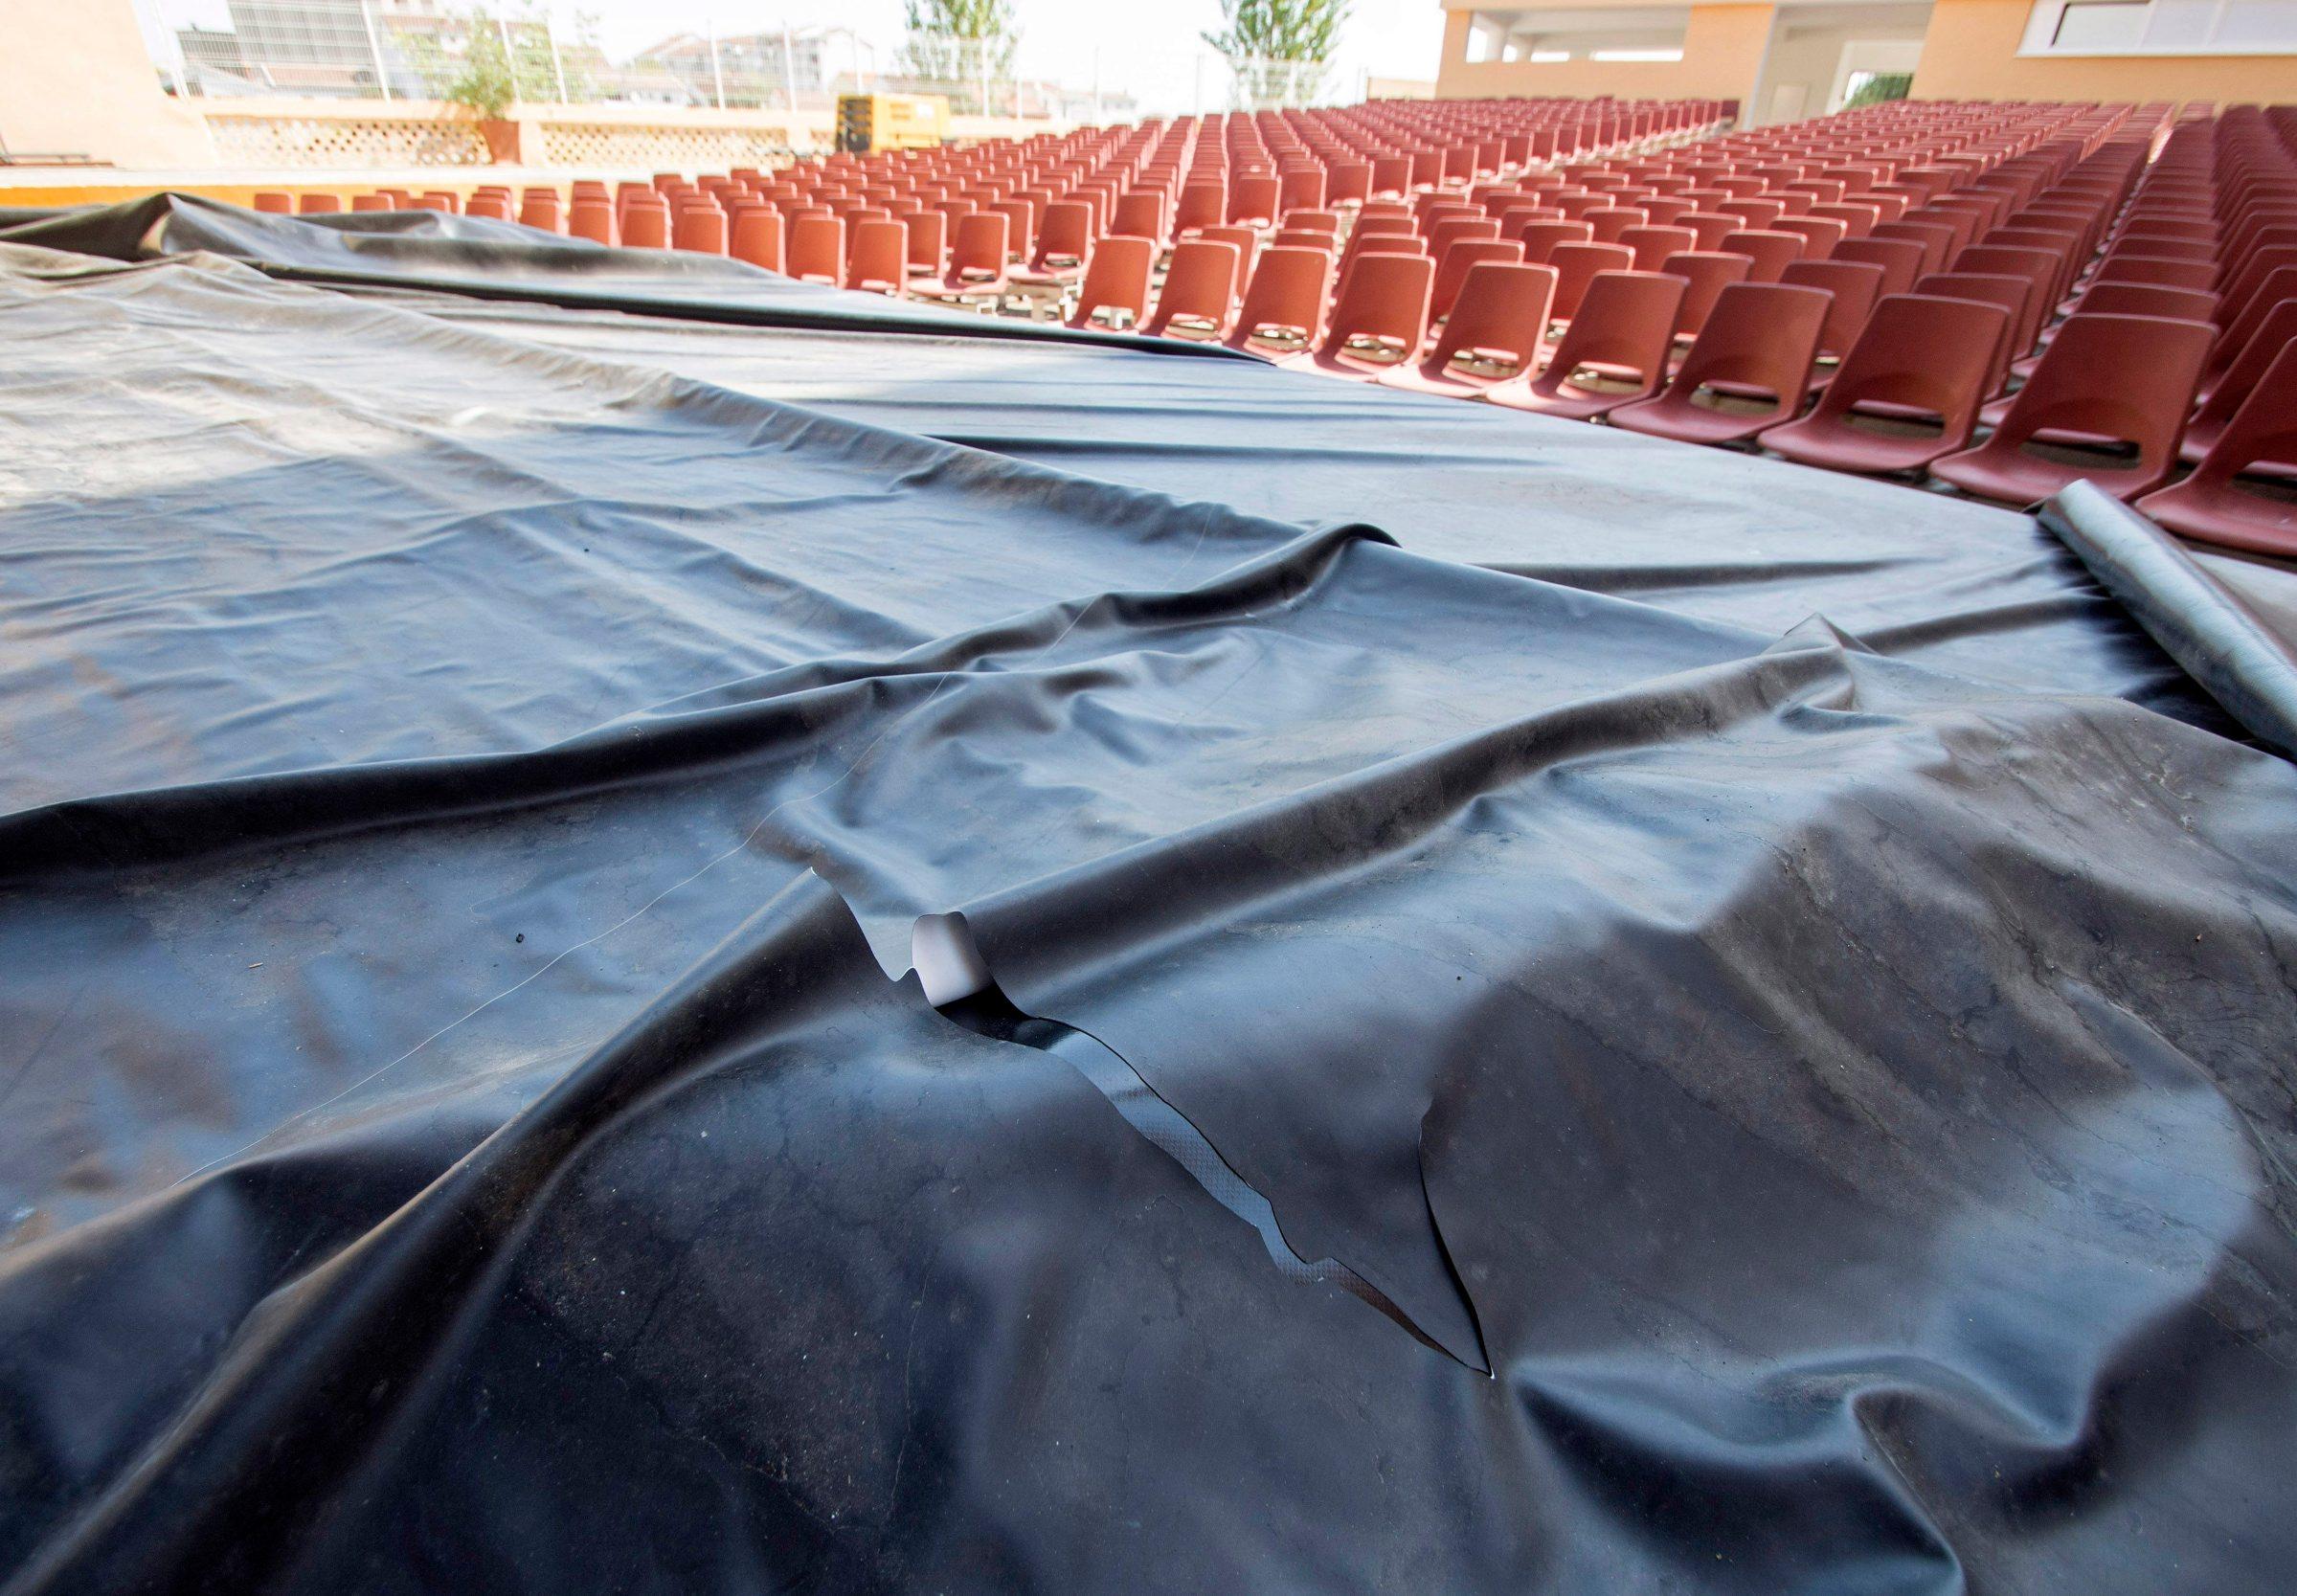 Metkovic, 080819. Vandali provalil u Ljetno kino Metkovic i na vise mjesta zarezali veliko filmsko platno, steta se procjenjuje na 60-tak tisuca kuna. Foto: Denis Jerkovic / CROPIX